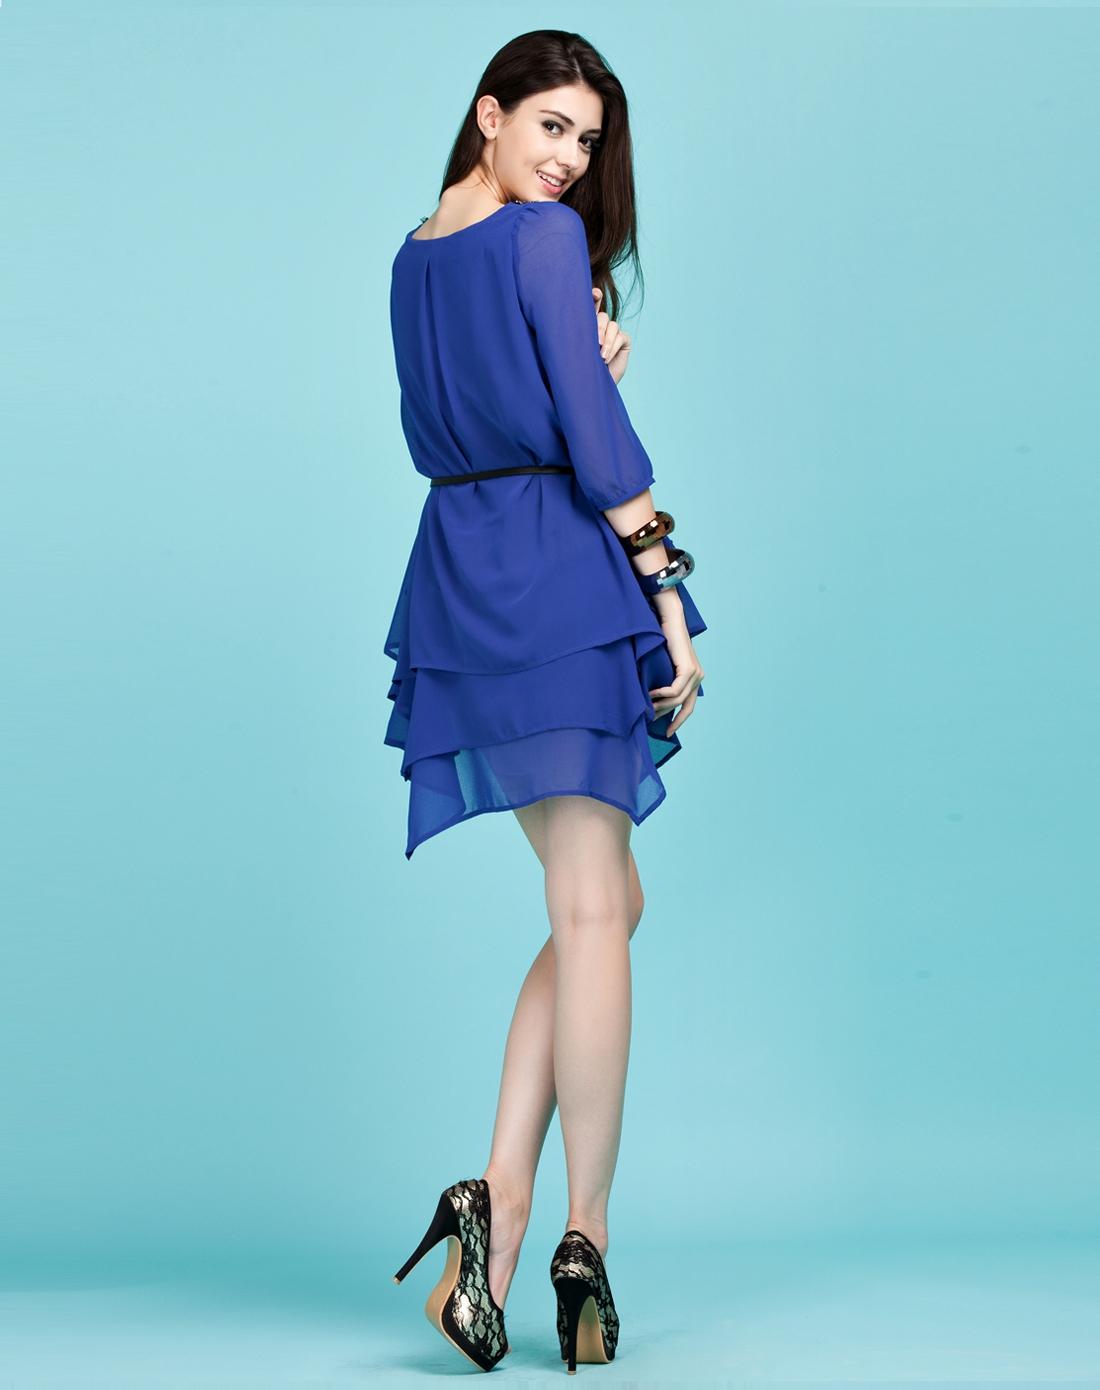 连衣裙蓝色